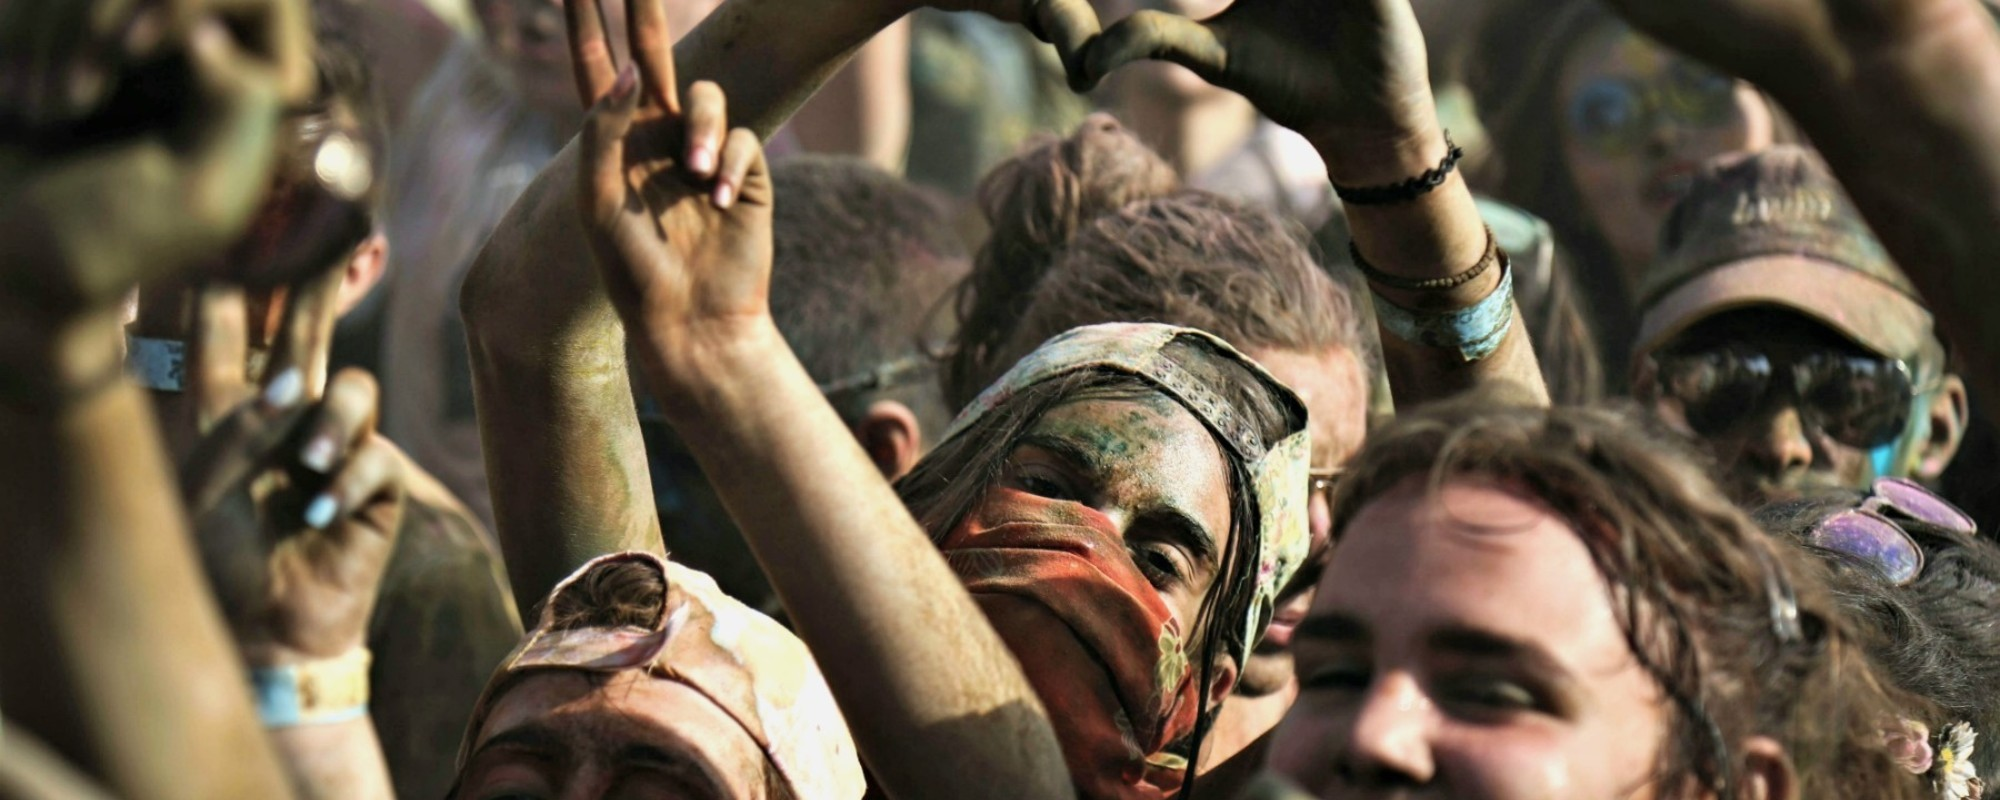 Η πιο Μαζική Ρίψη Χρωμάτων στην Ελλάδα